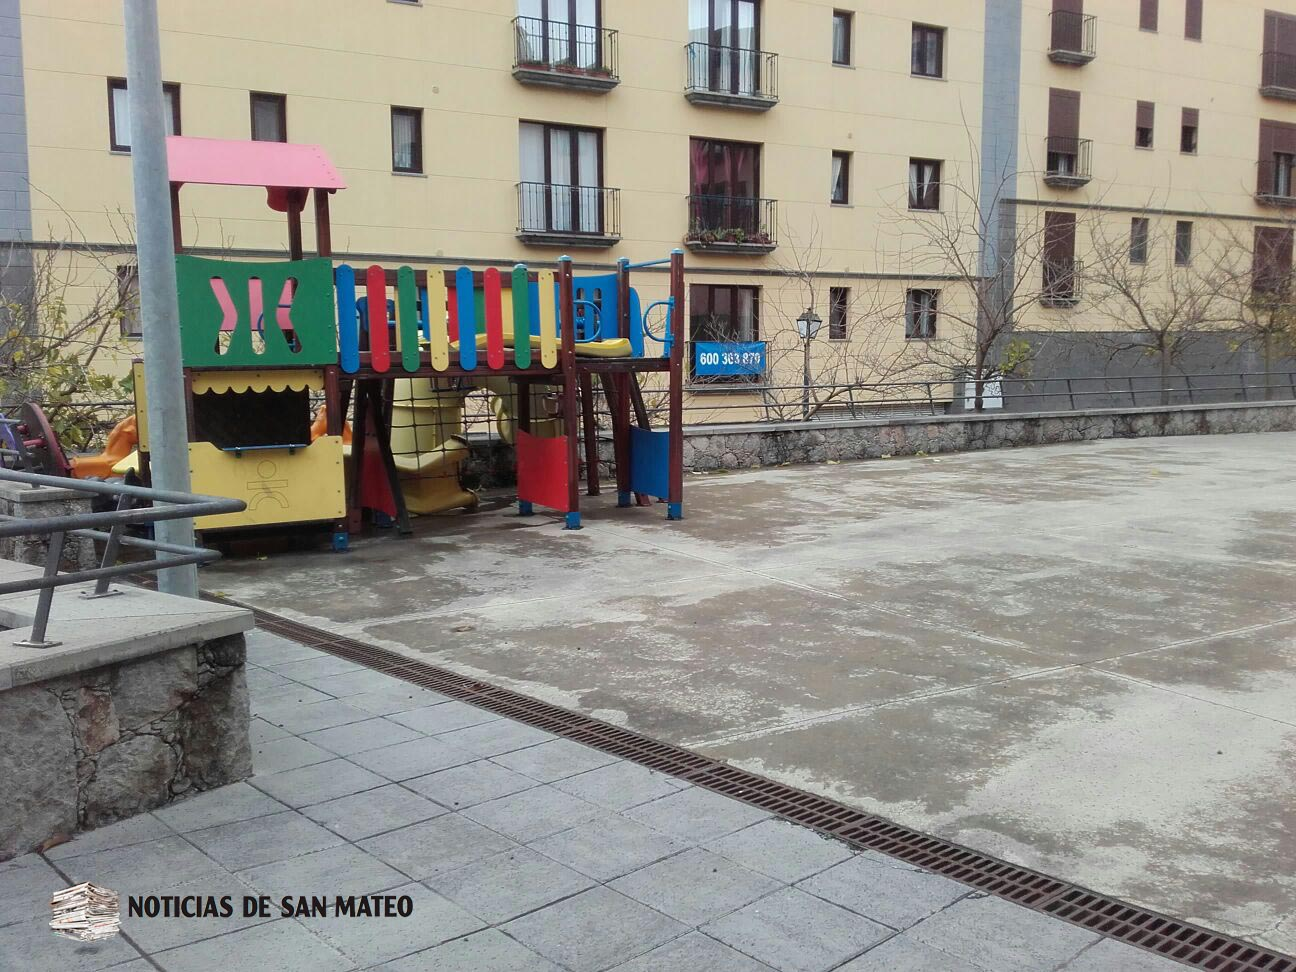 Traslado parque infantil Plaza del Pueblo San Mateo Foto Laura Miranda Noticias de San Mateo